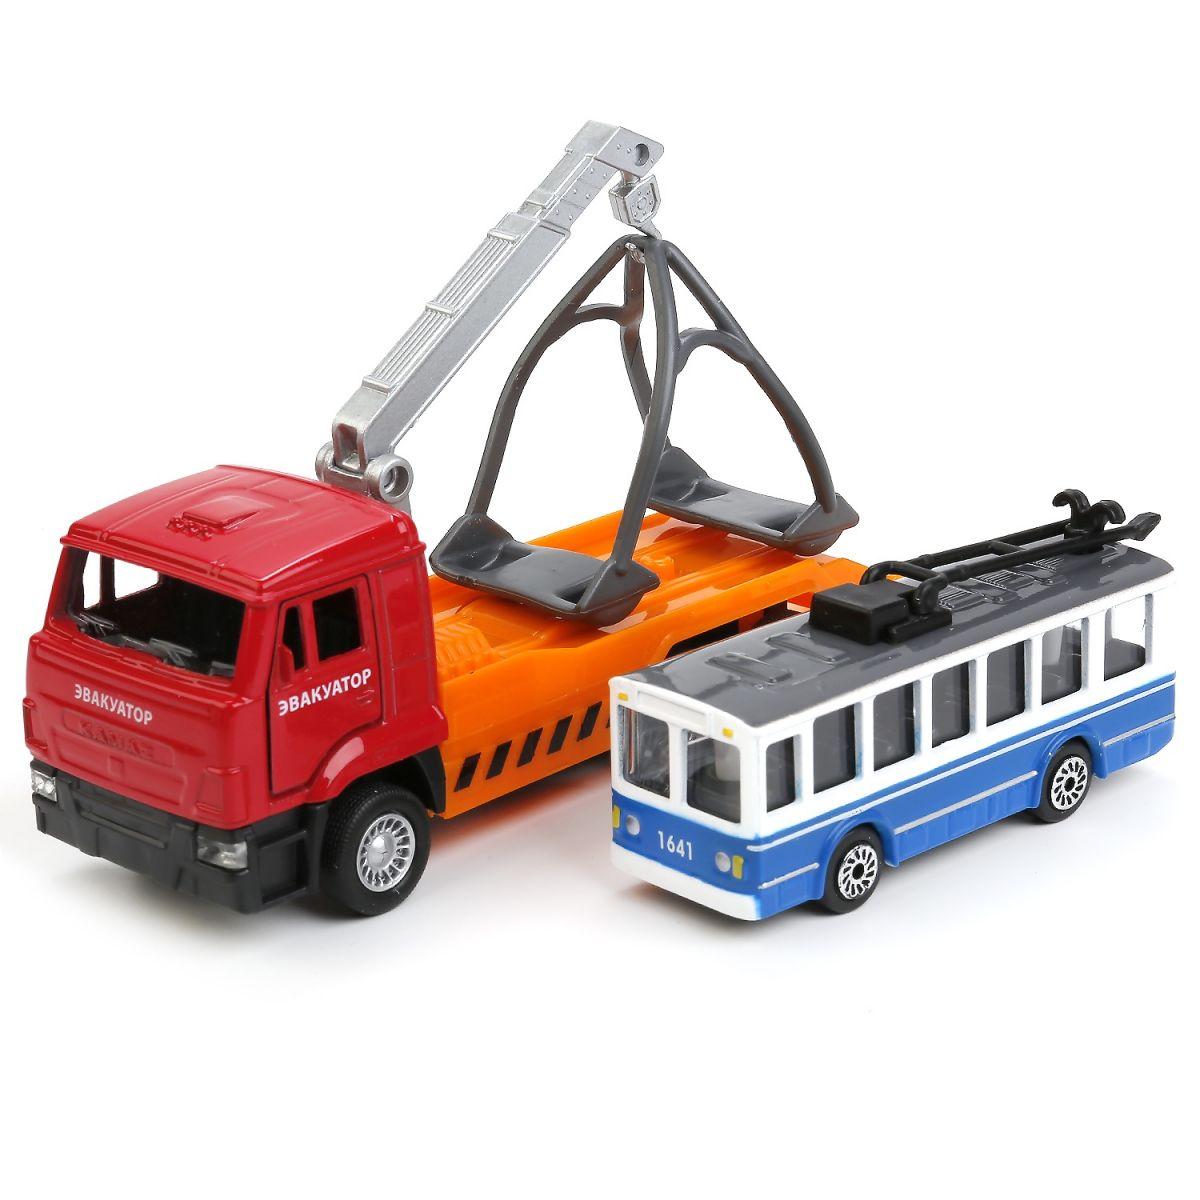 Купить Эвакуатор КамАЗ 12 см и троллейбус 7, 5 см, Технопарк